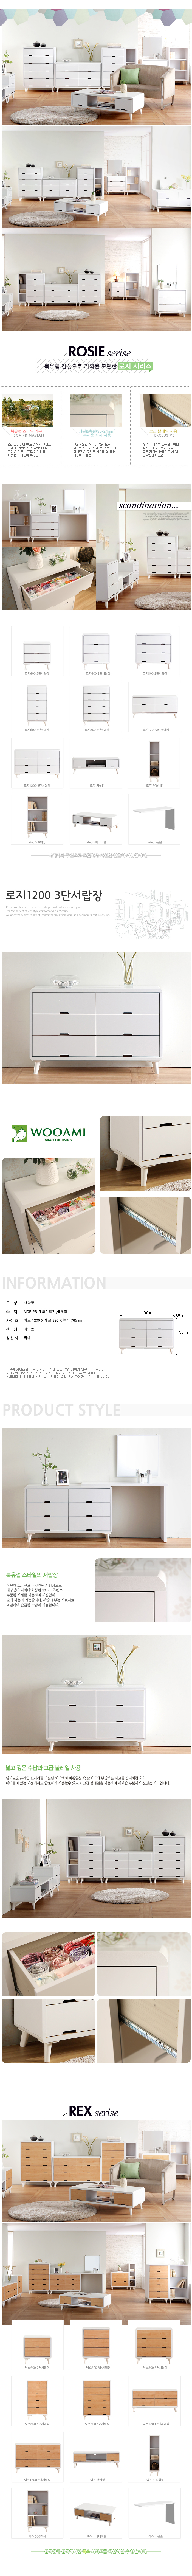 로지1200 3단서랍장 - 우아미아이, 201,530원, 서랍장, 다용도 서랍장